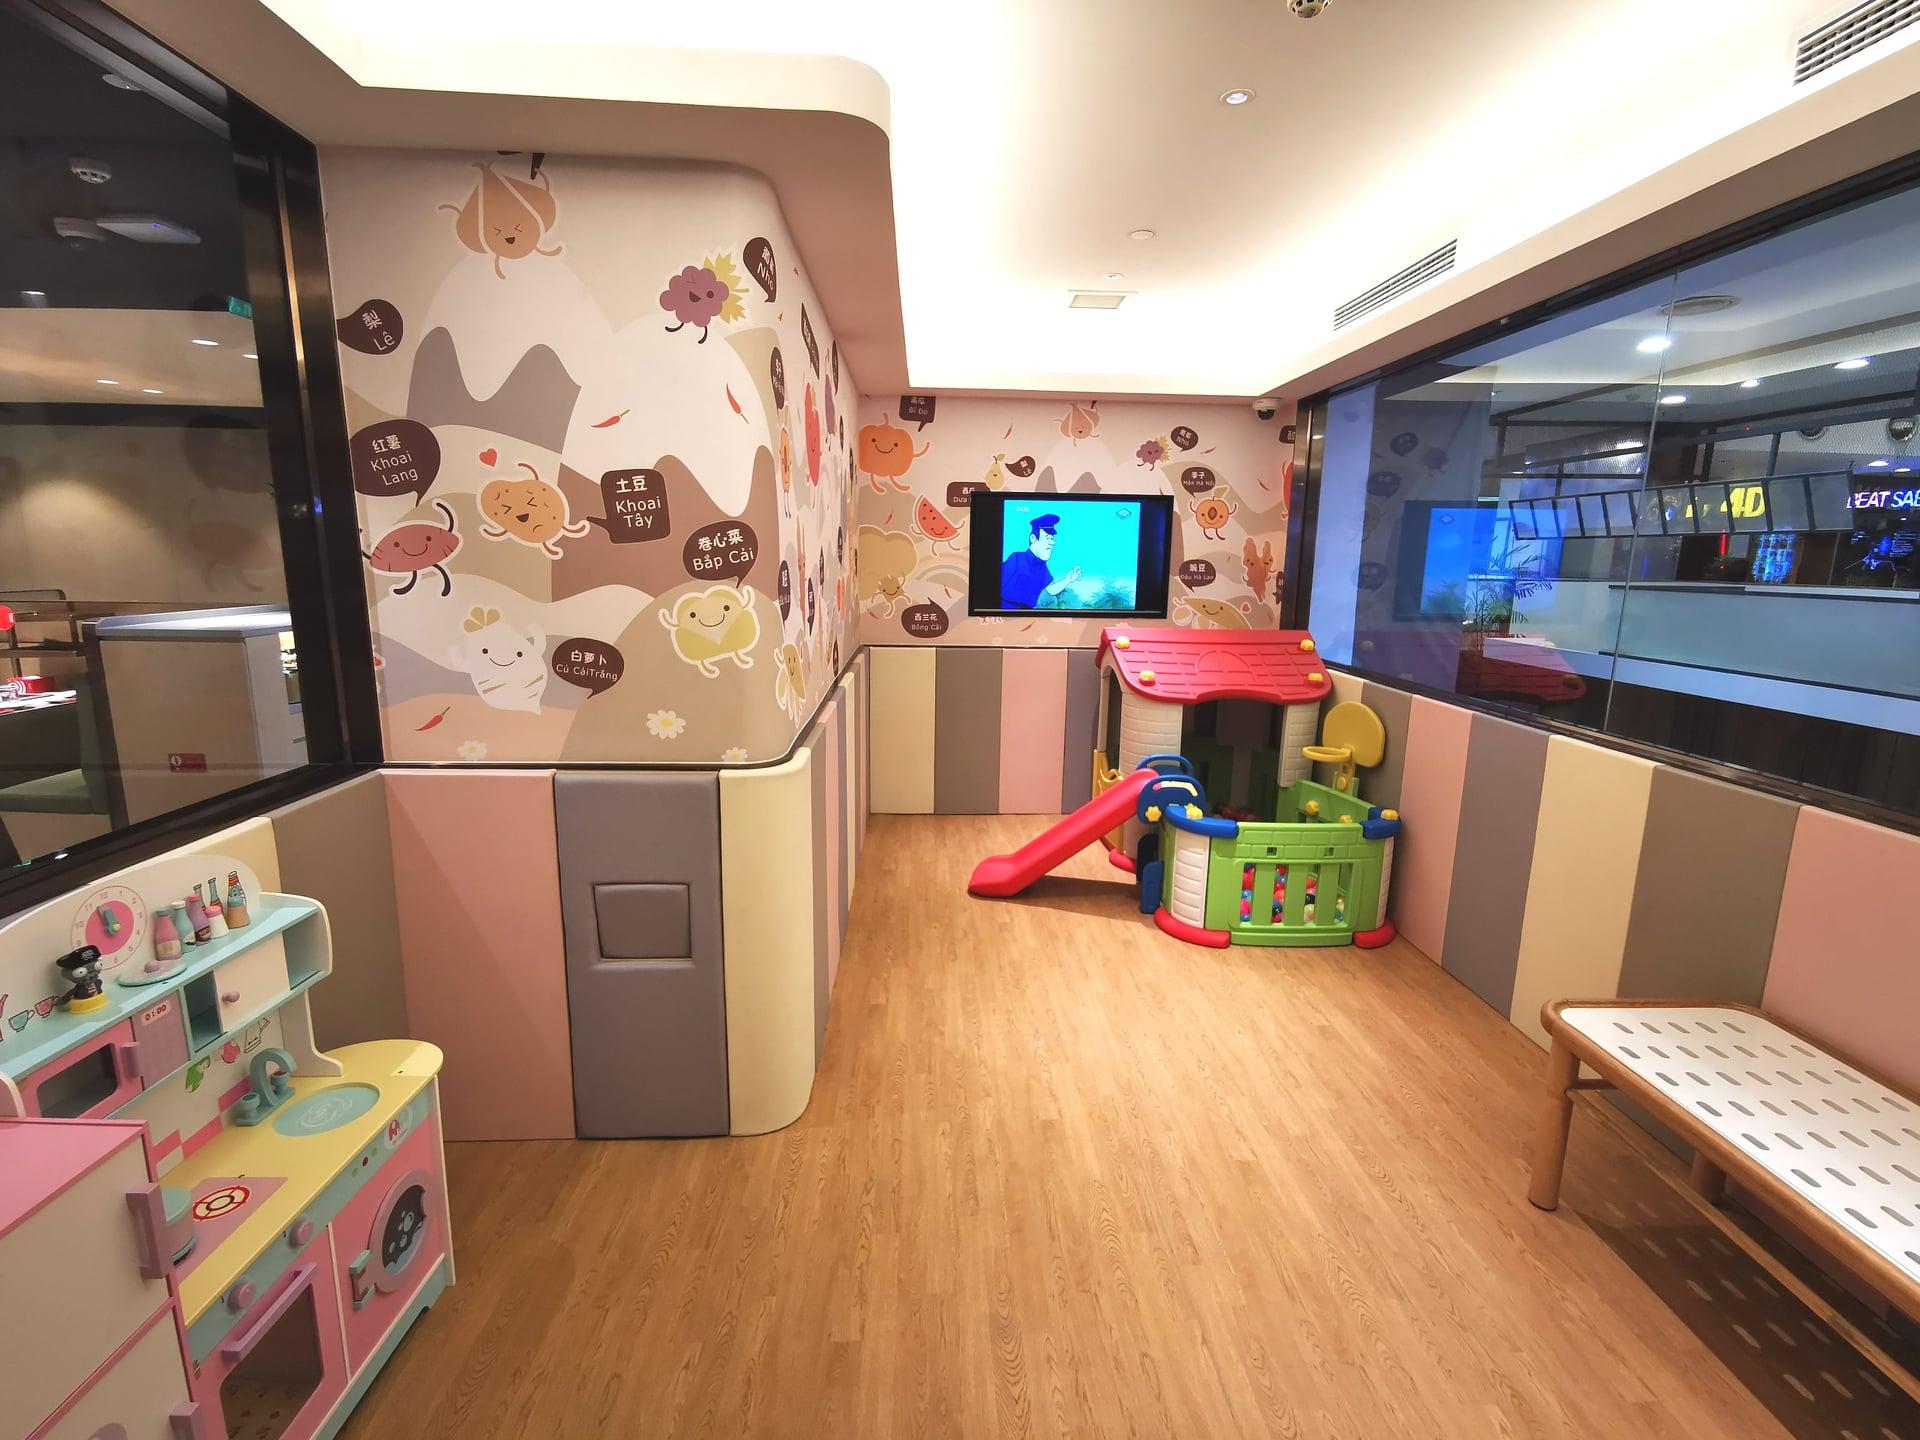 Khu vui chơi cho trẻ em miễn phí để bố mẹ yên tâm ăn uống